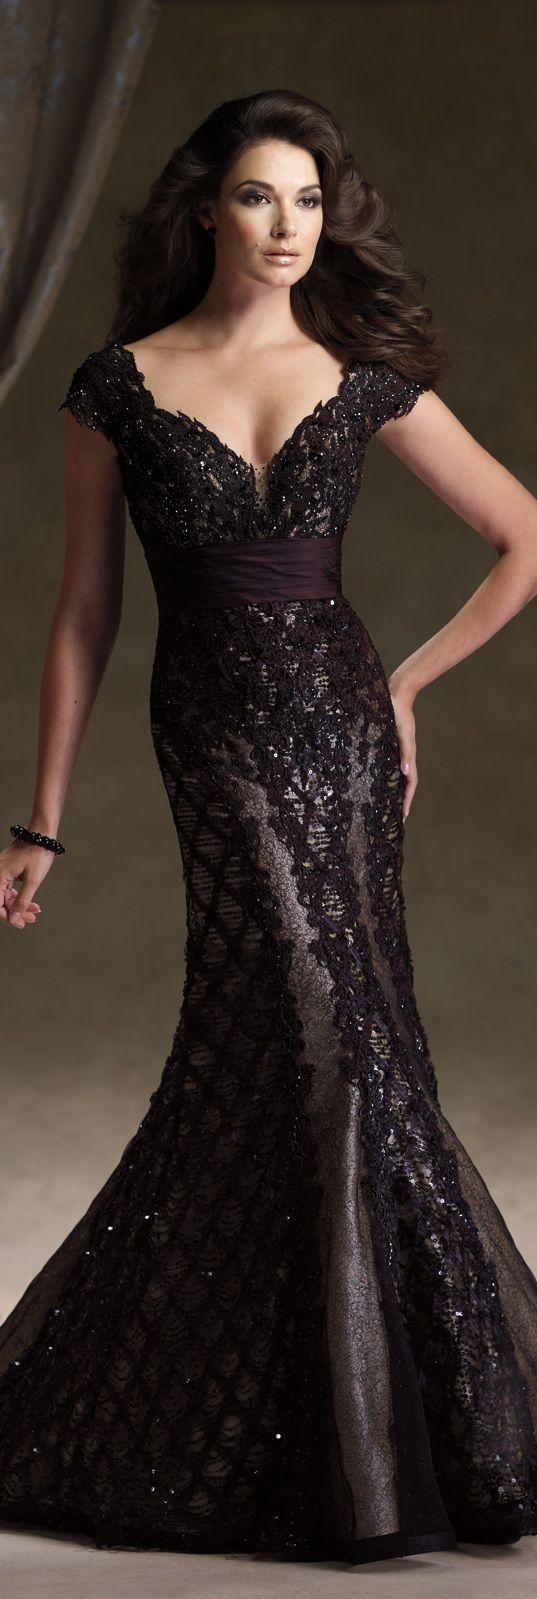 Ivonne d haute couture mother of the bride dresses pinterest